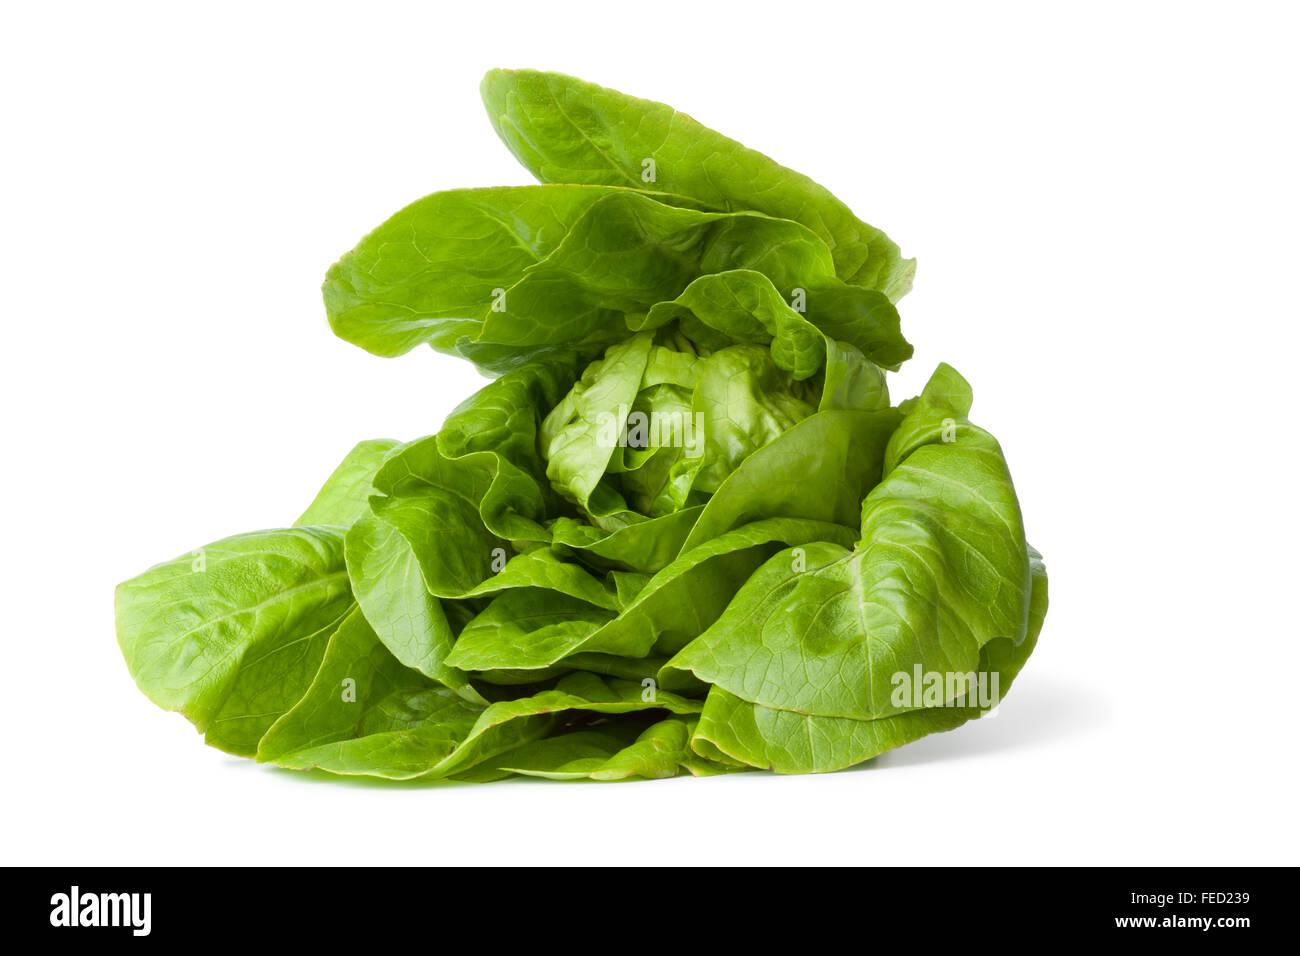 Fresh green little gem lettuce on white background - Stock Image